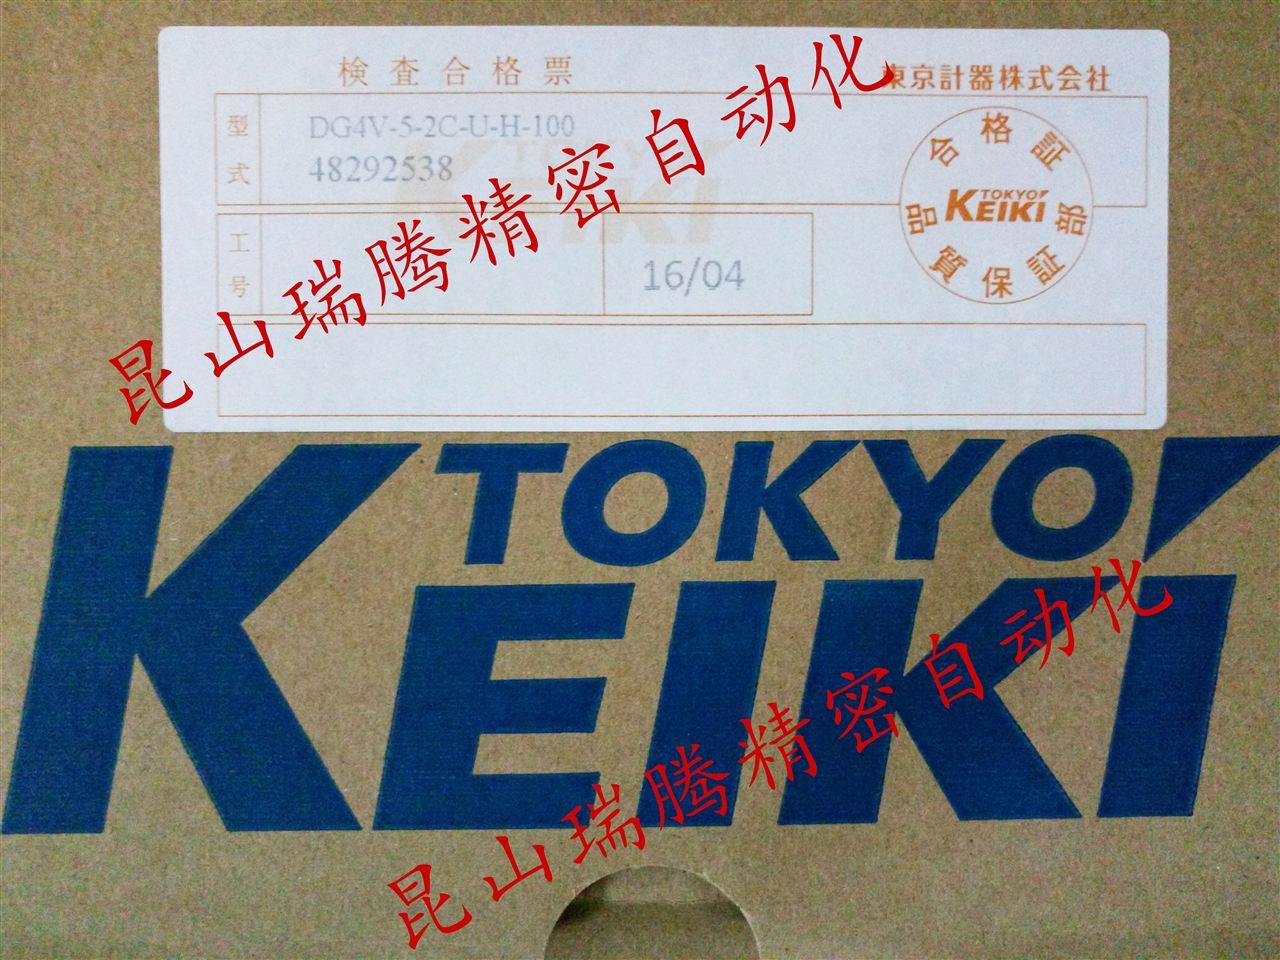 东京计器TOKYO KEIKI电磁阀报价行情-昆山瑞腾DG4V-5-2C-U-H-100